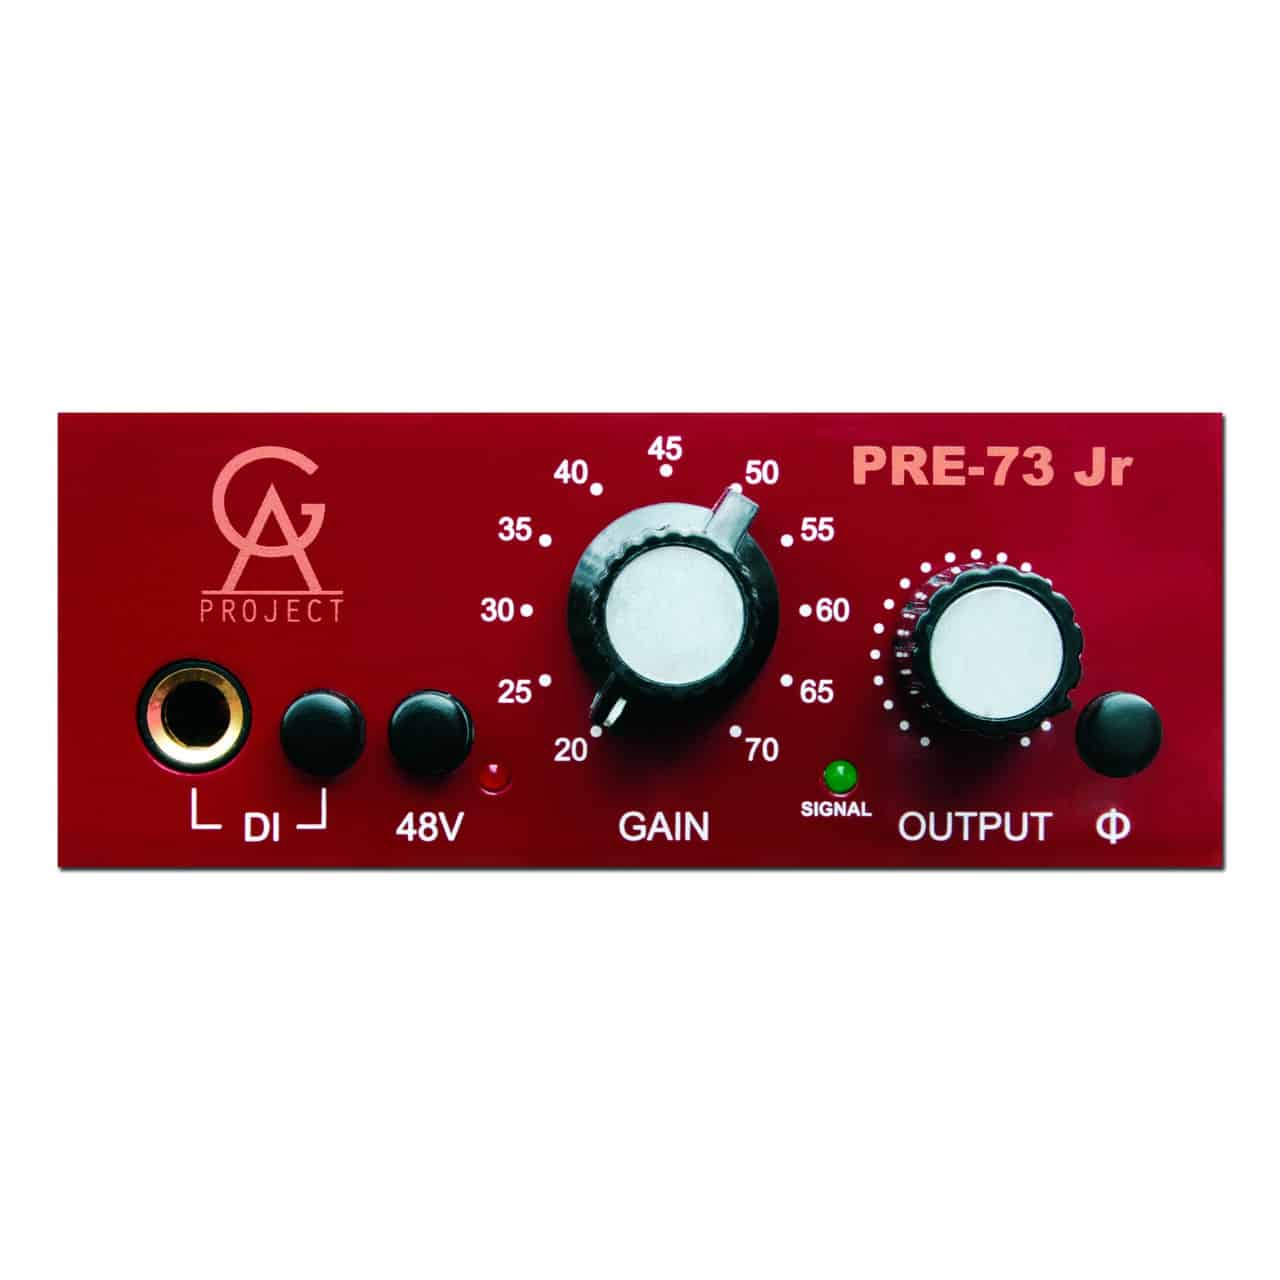 Golden Age Project PRE-73 JR